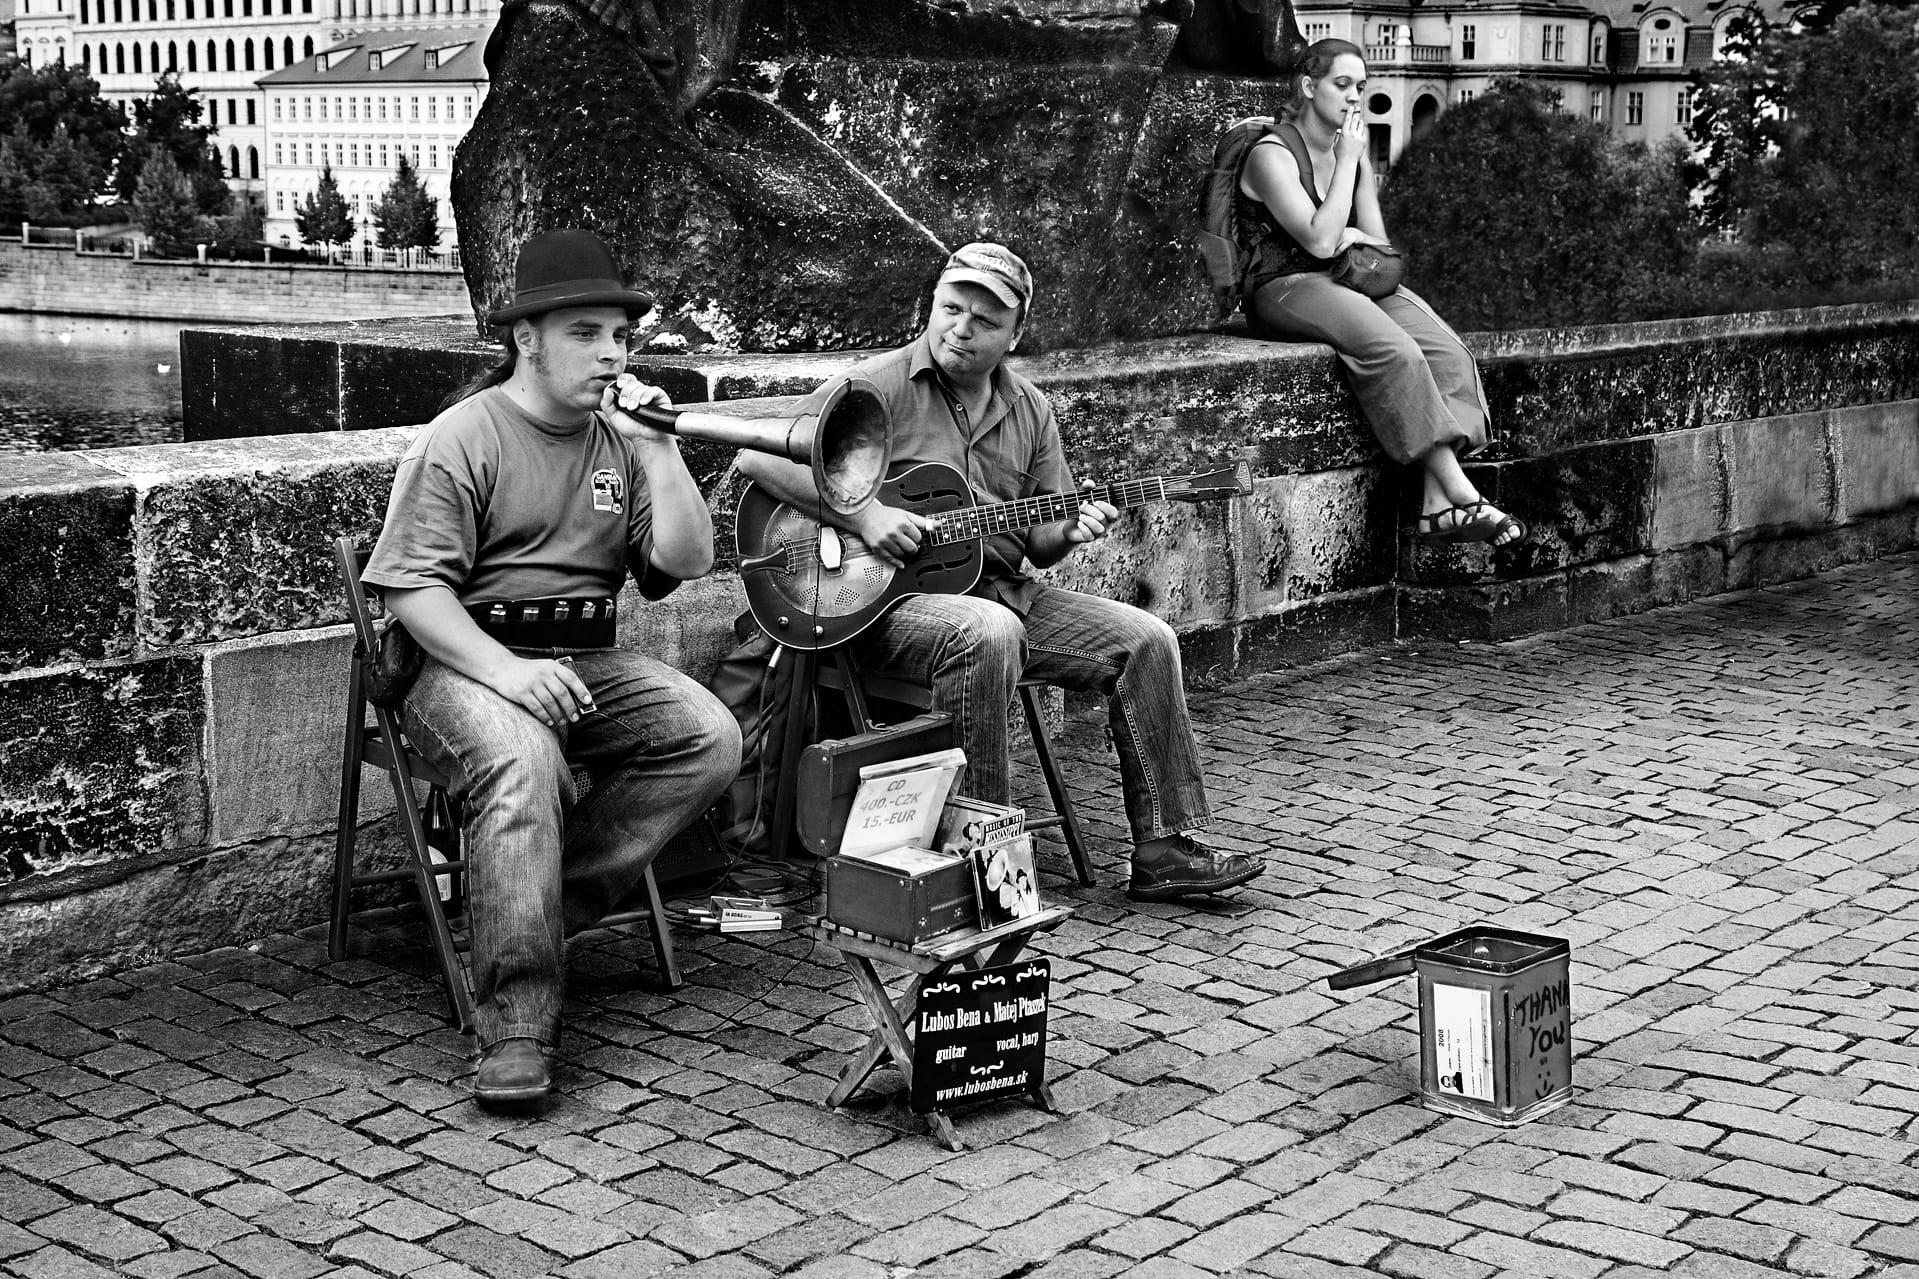 Músicos callejeros II